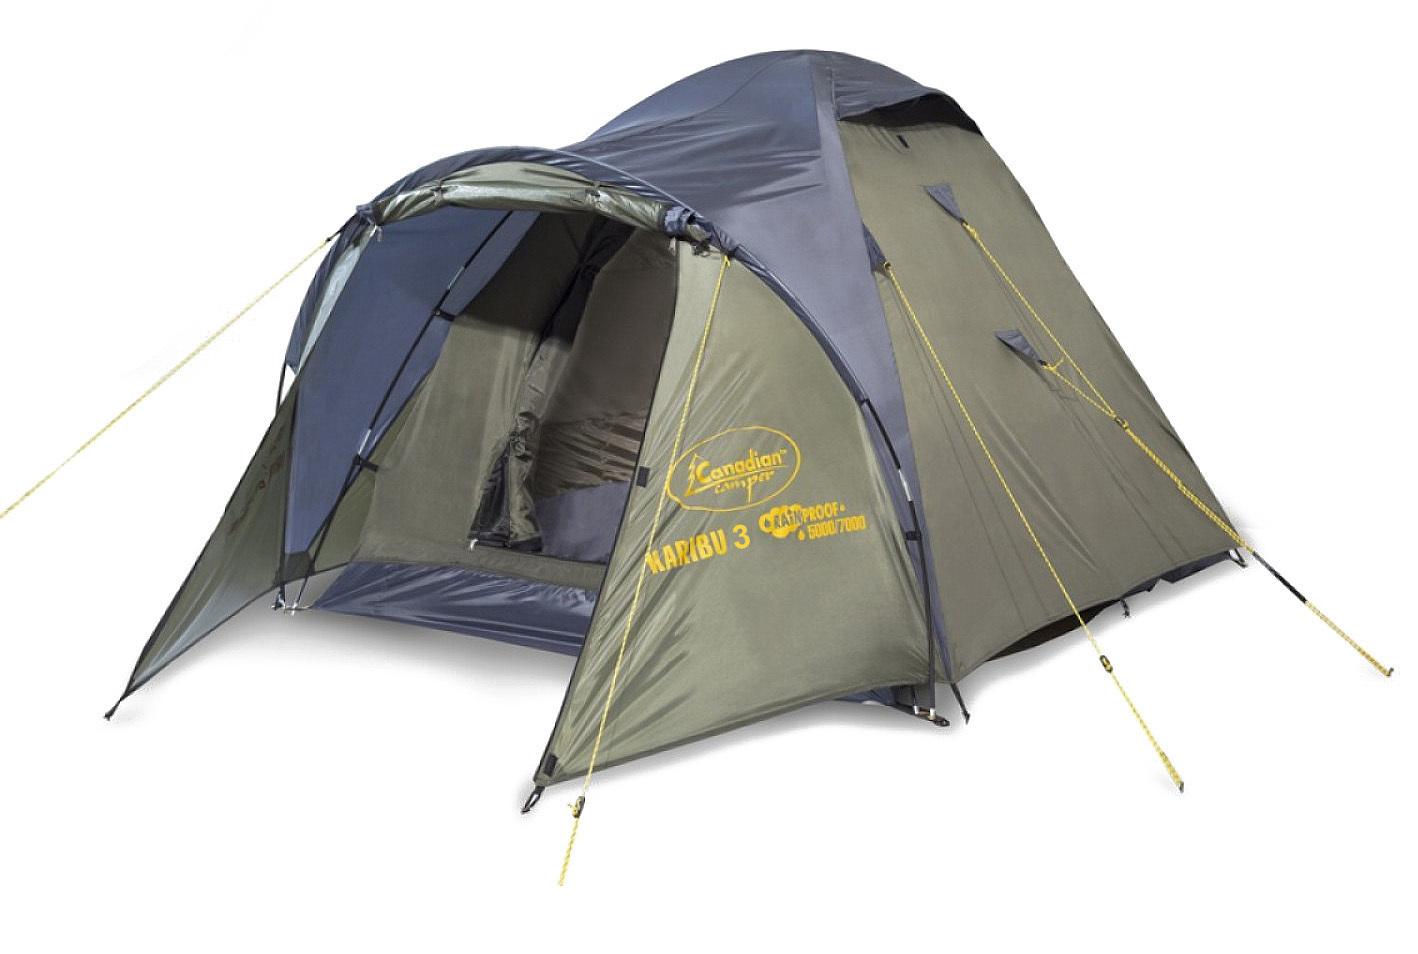 """Палатка Canadian Camper KARIBU 3 Forest трекинговаяKARIBU - """"классика"""" туристических палаток.<br><br>Благодаря третьей дуге палатка имеет увеличенный тамбур. Два входа и большие вентиляционные отверстия обеспечат комфорт даже в летний зной, а противомоскитные сетки защитят Вас от назойливых насекомых.<br><br>Вес кг: 4.30000000"""